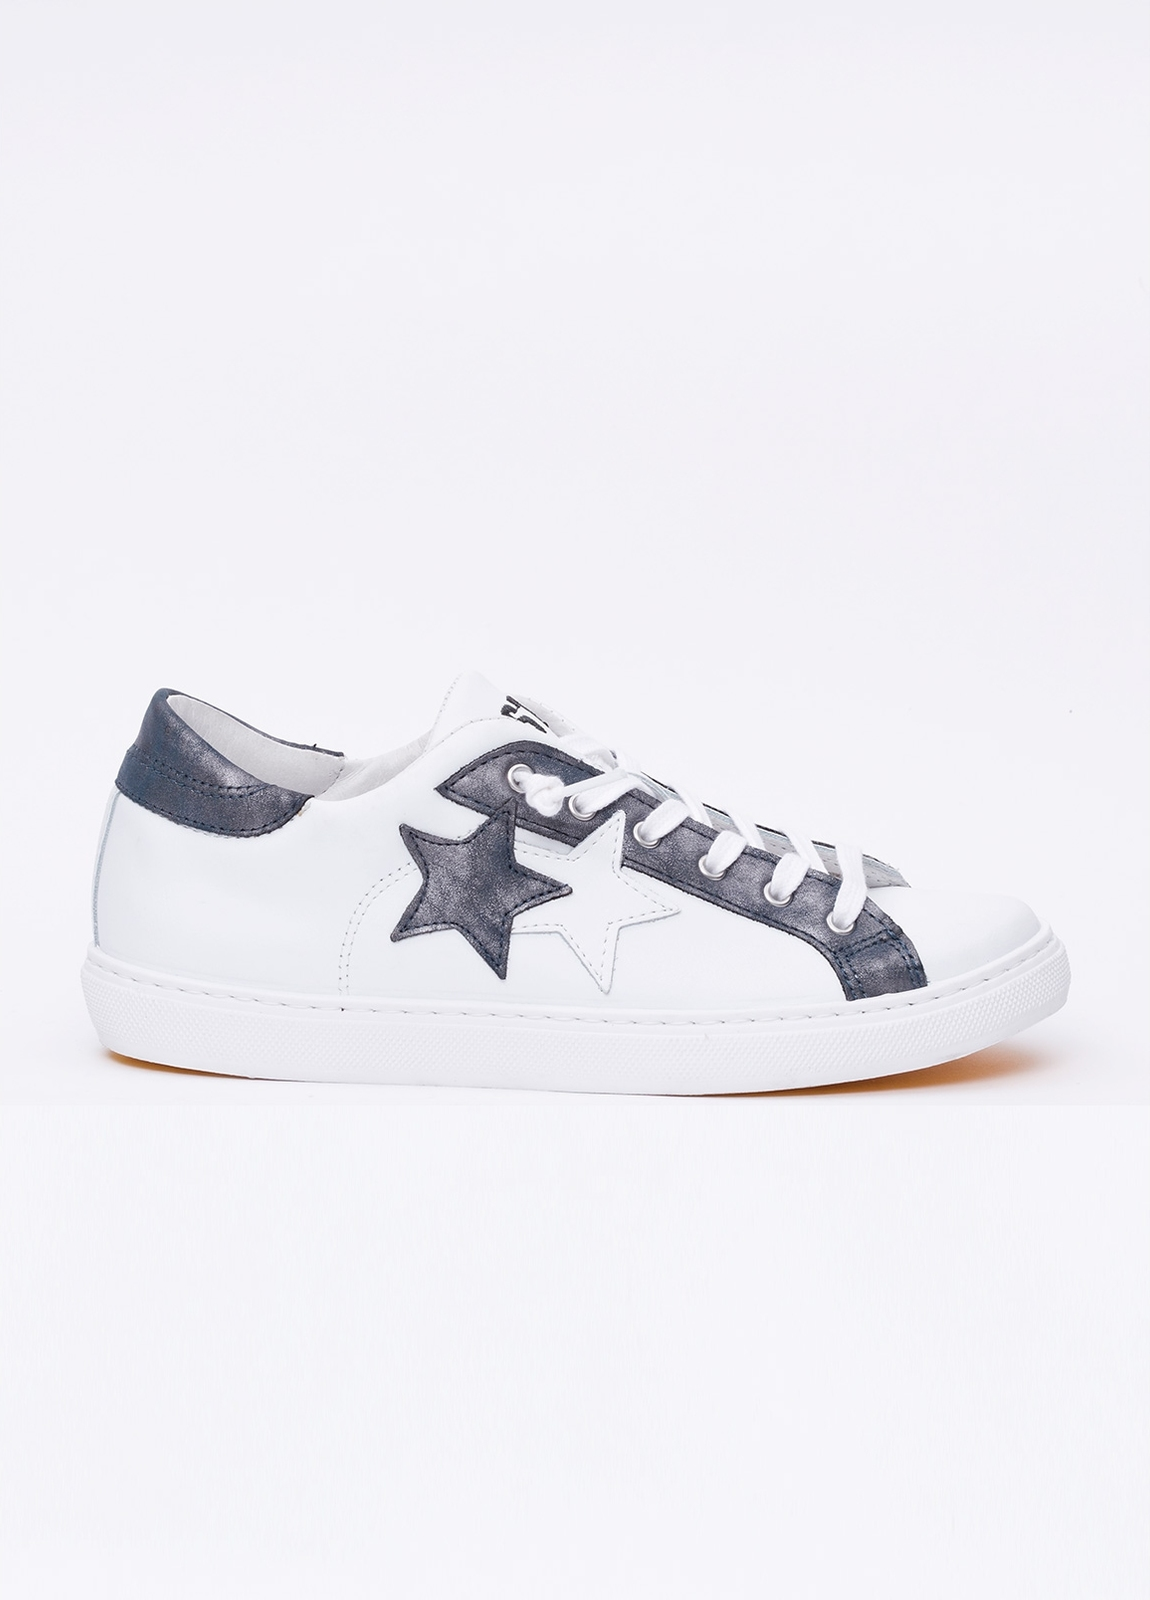 Calzado sport color blanco con detalles azul marino. 100% Piel.